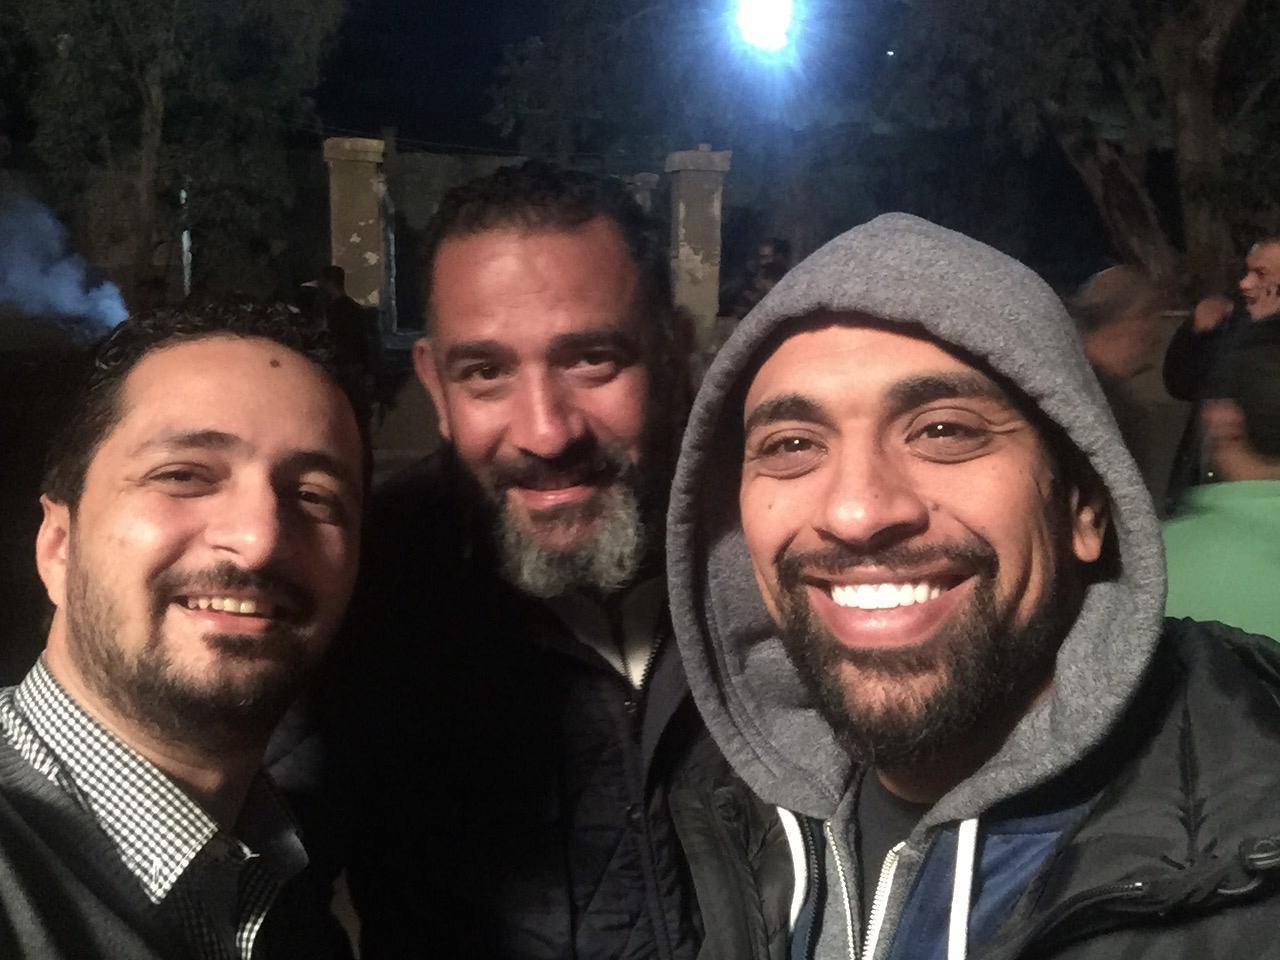 المخرج-حسام-على-والمؤلف-أمين-جمال-والمنتج-الفنى-هانى-عبد-الله